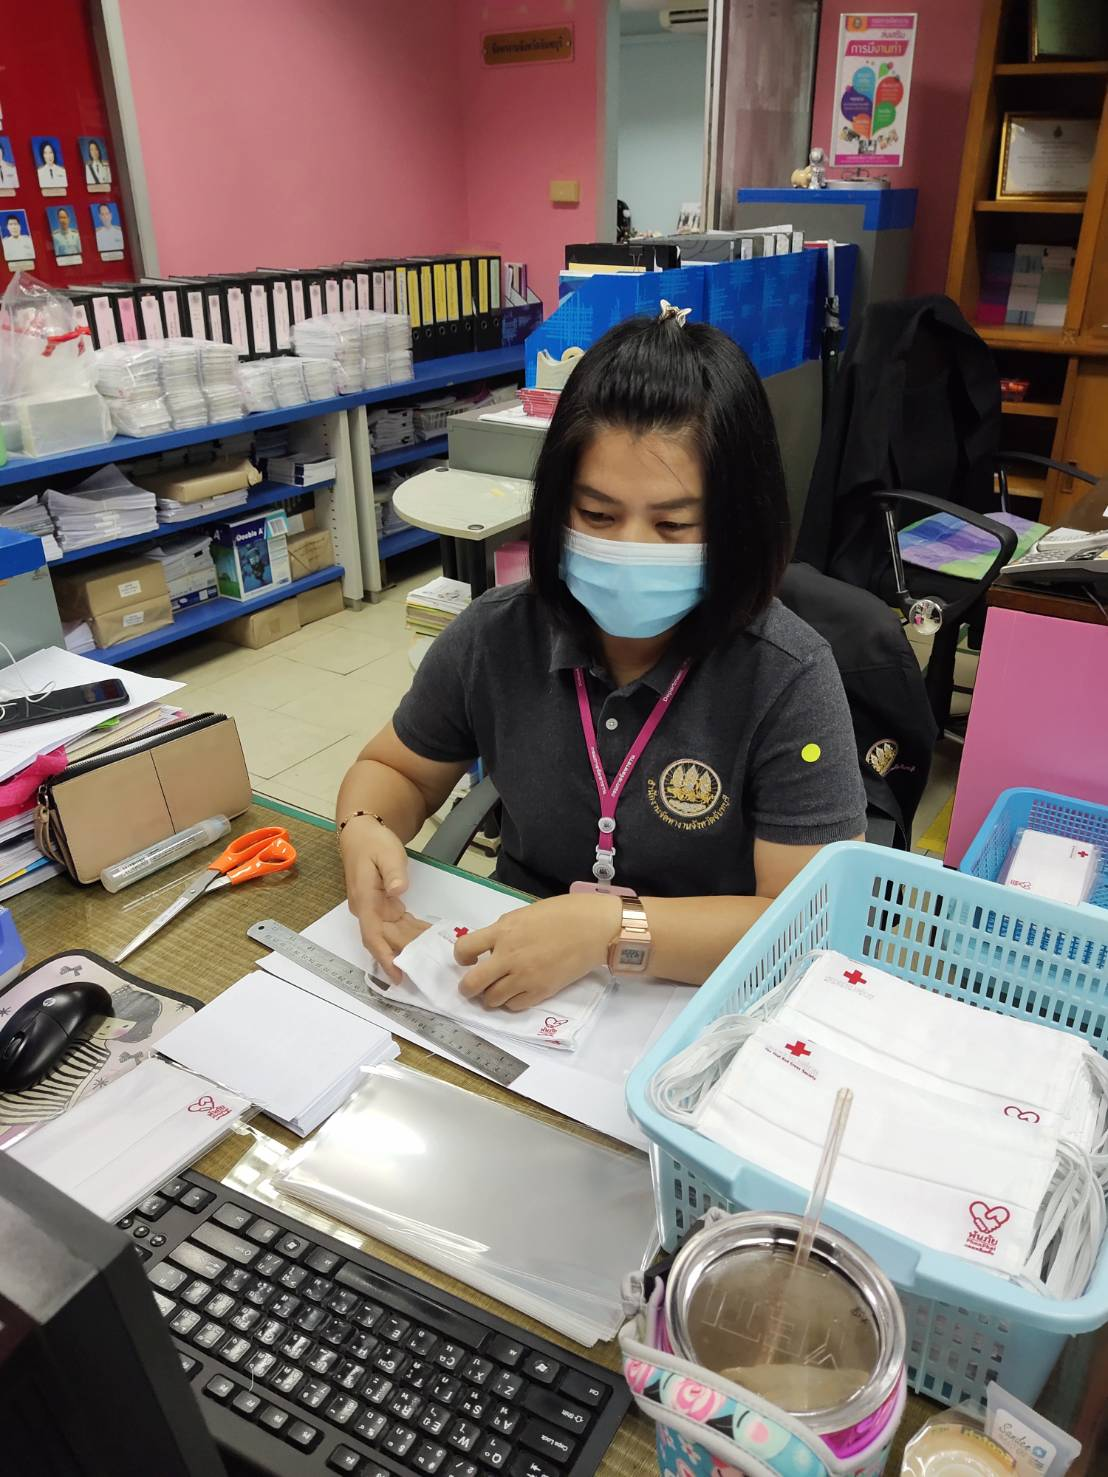 เจ้าหน้าที่สำนักงานจัดหางานช่วยกันแพคหน้ากาก